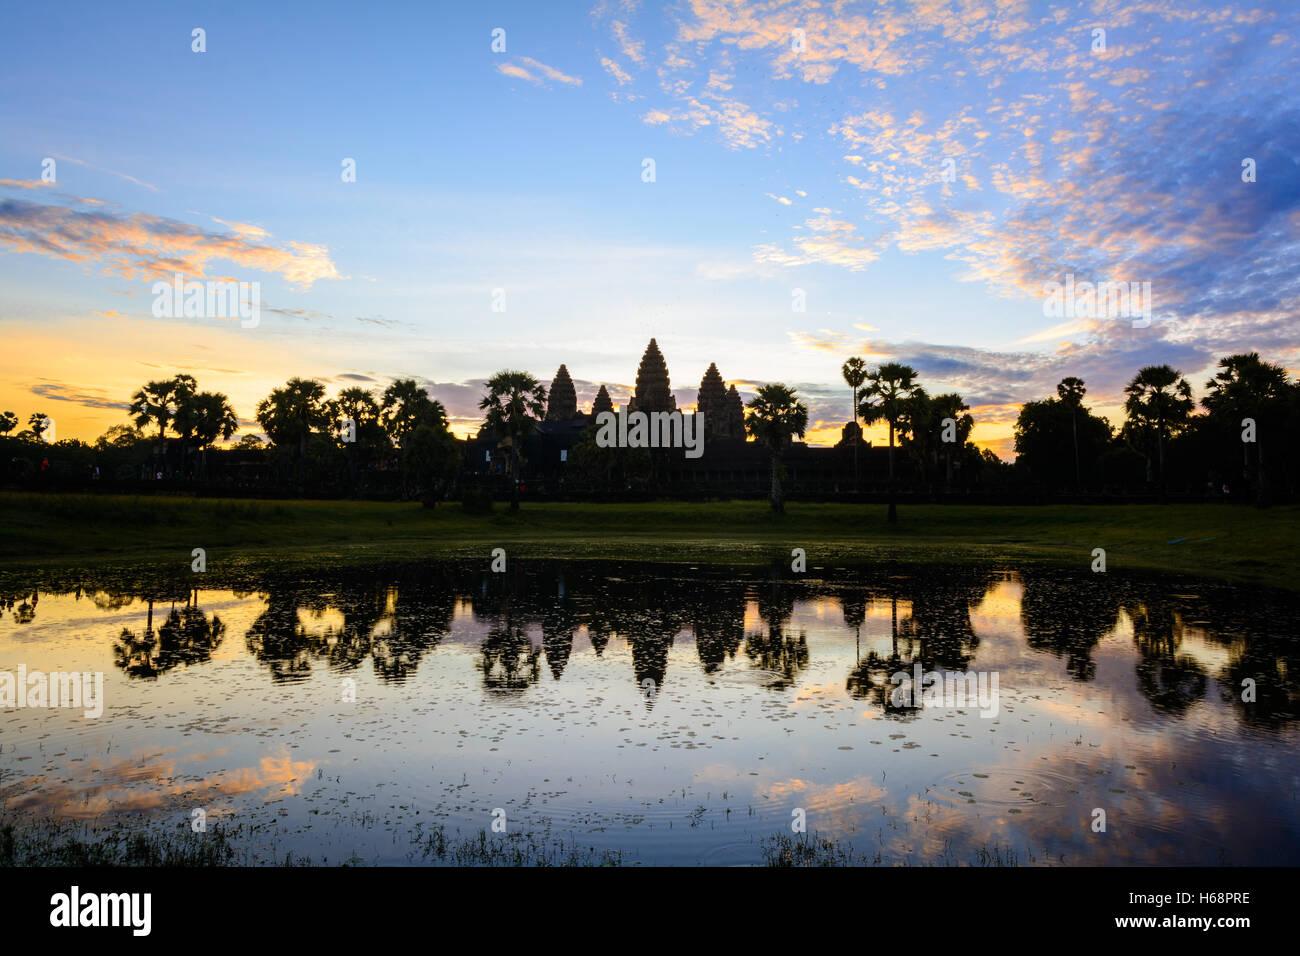 Angkor Wat Sonnenaufgang Landschaft - Spiegelbild im Heiligen See Stockbild